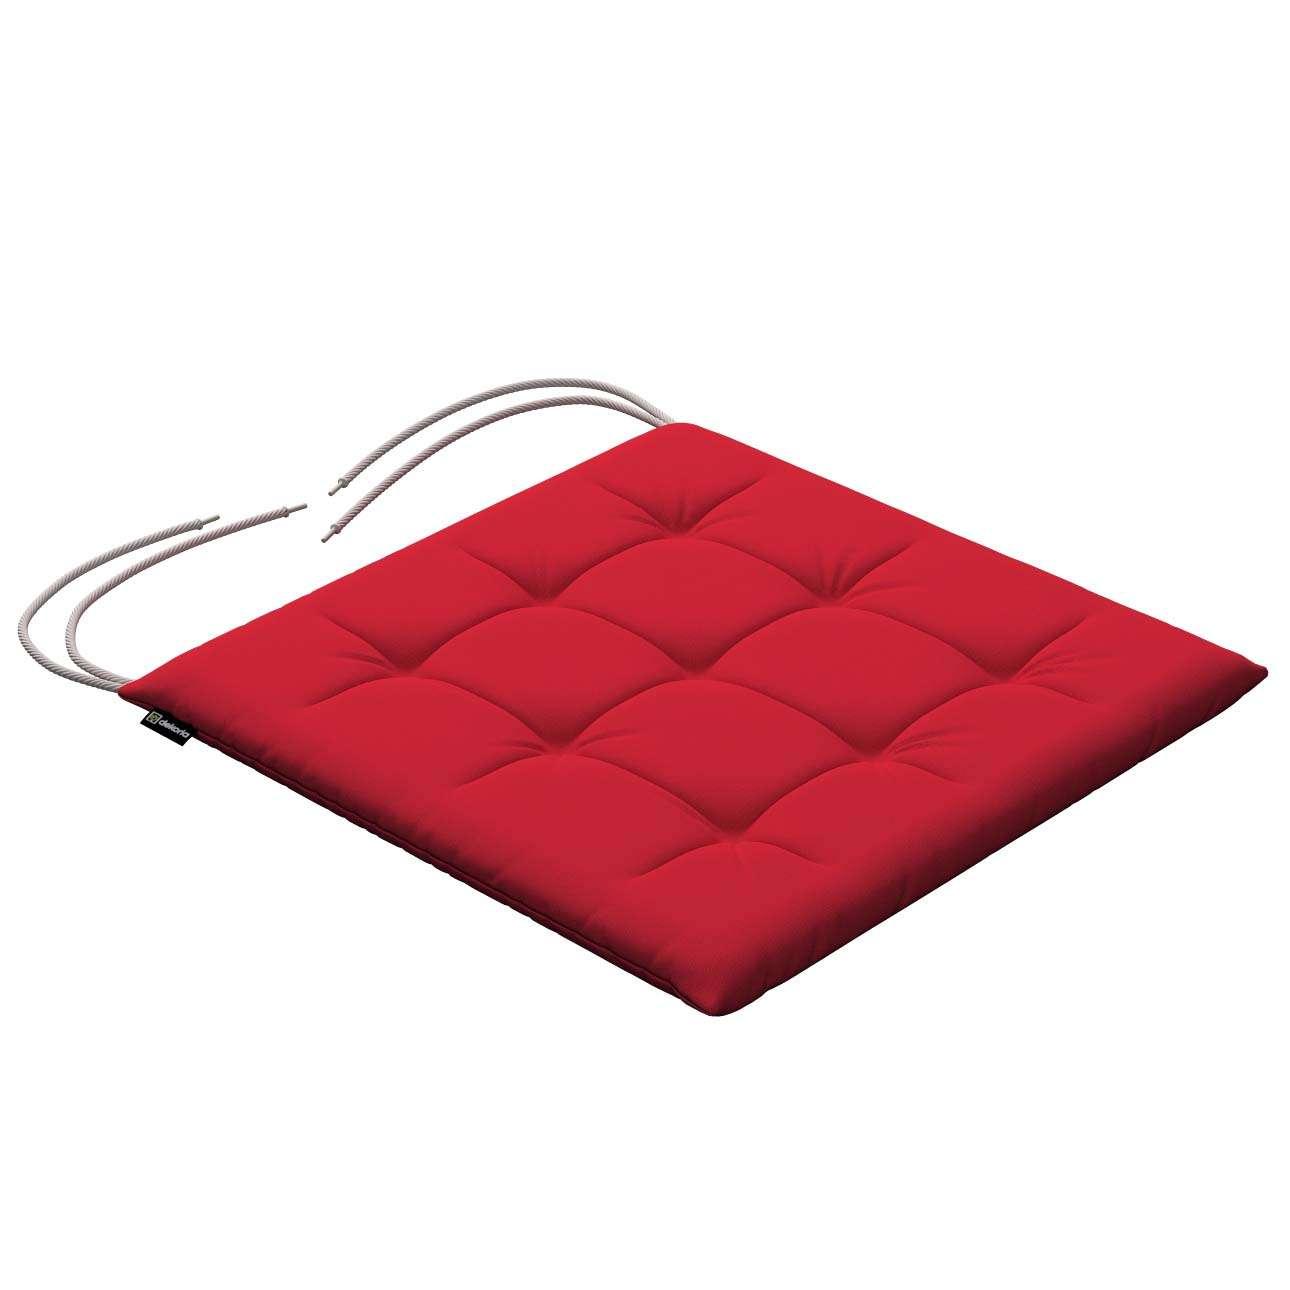 Siedzisko Karol na krzesło 40x40x3,5cm w kolekcji Cotton Panama, tkanina: 702-04